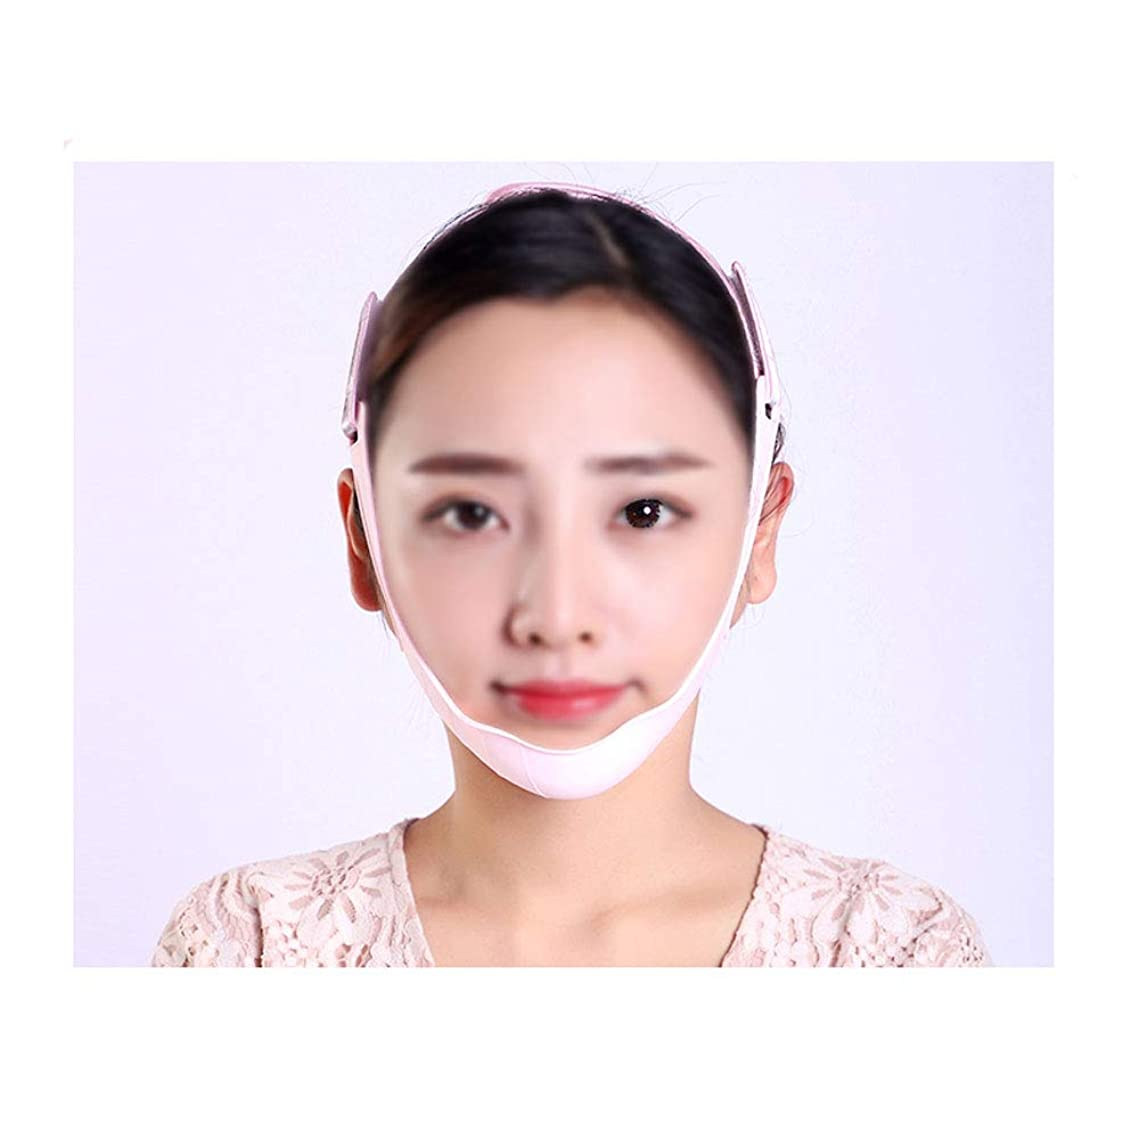 上院議員含む費用GLJJQMY フェイシャルファーミングマスクリフティングフェイシャルファーミングボディマッセンスキニー包帯通気性二重層顎痩身マスク 顔用整形マスク